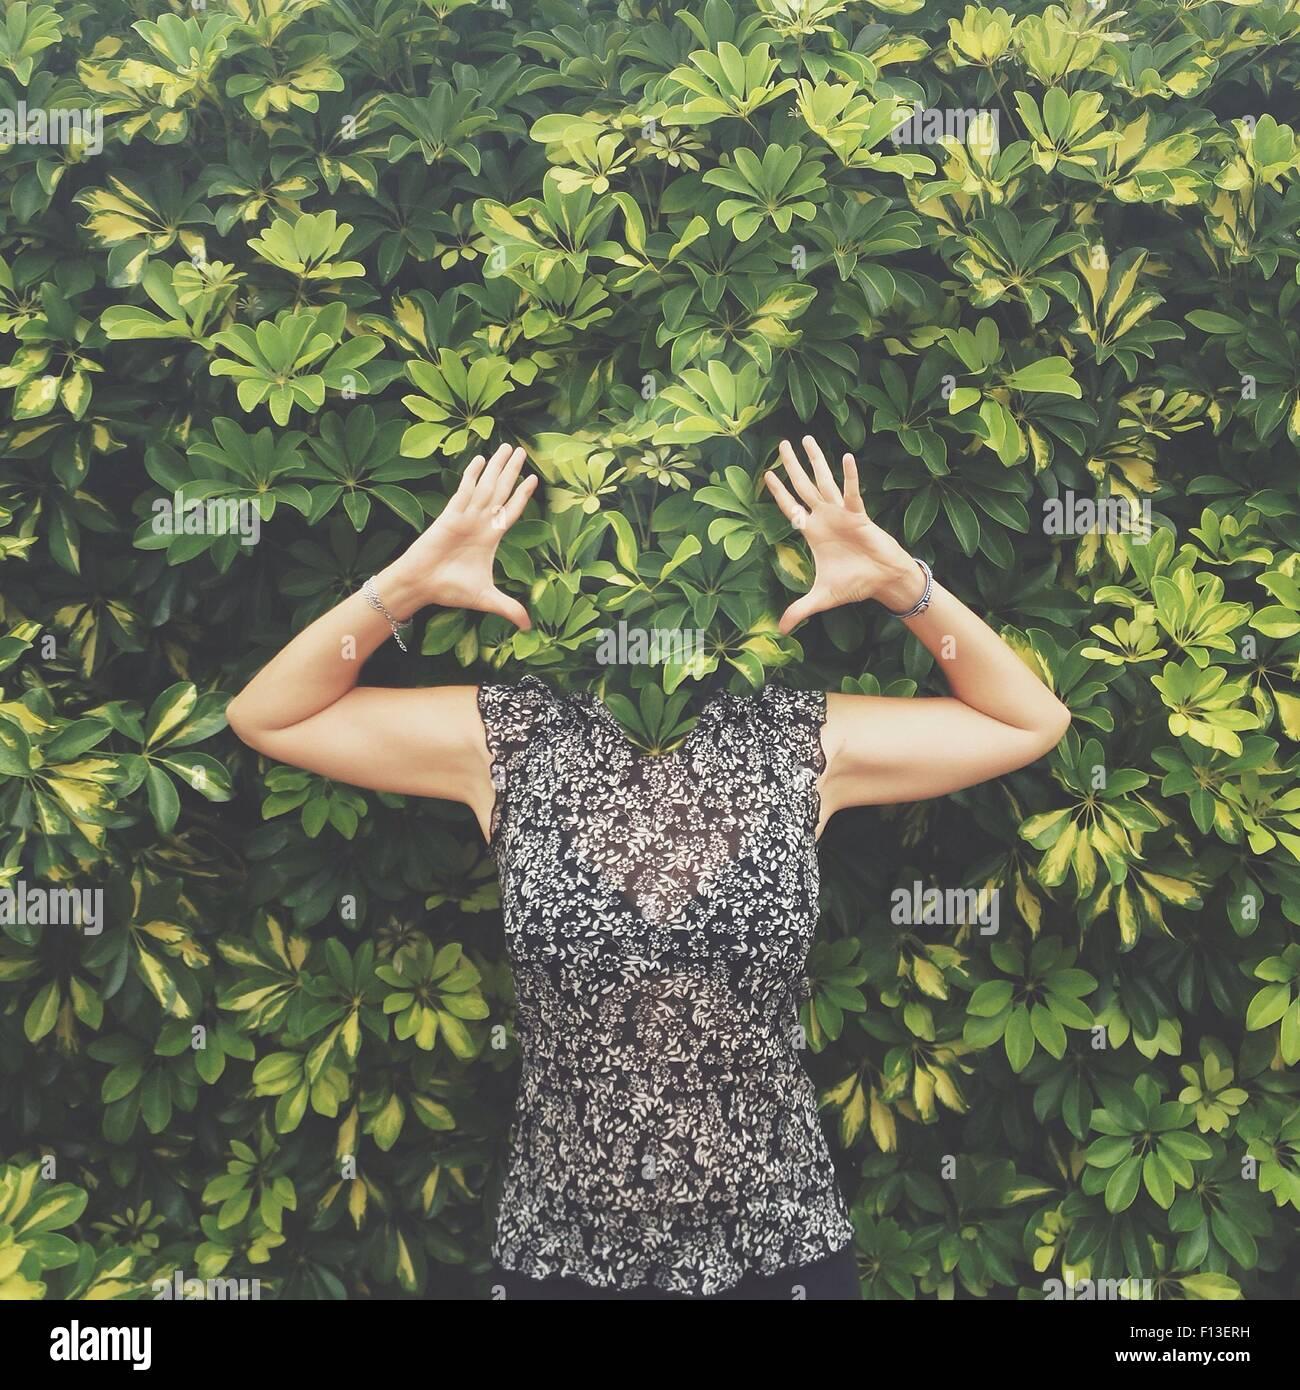 Le donne con la faccia nascosta dietro le foglie in piedi con le braccia sollevate Immagini Stock